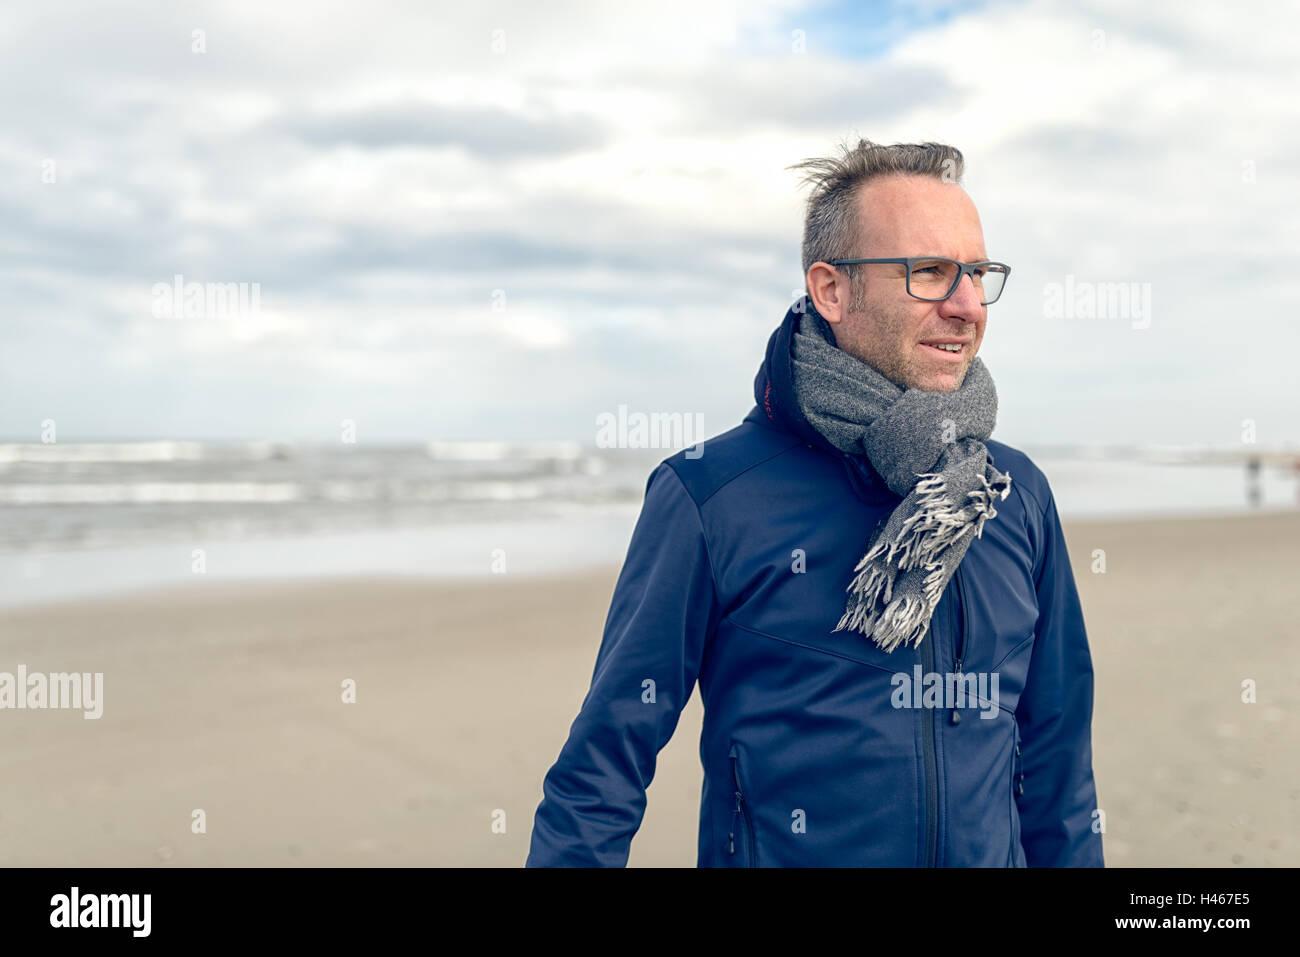 Gereizter Mann mittleren Alters tragen Brillen und einen Schal aus Wolle Stand an einem einsamen Strand im Herbst Stockfoto